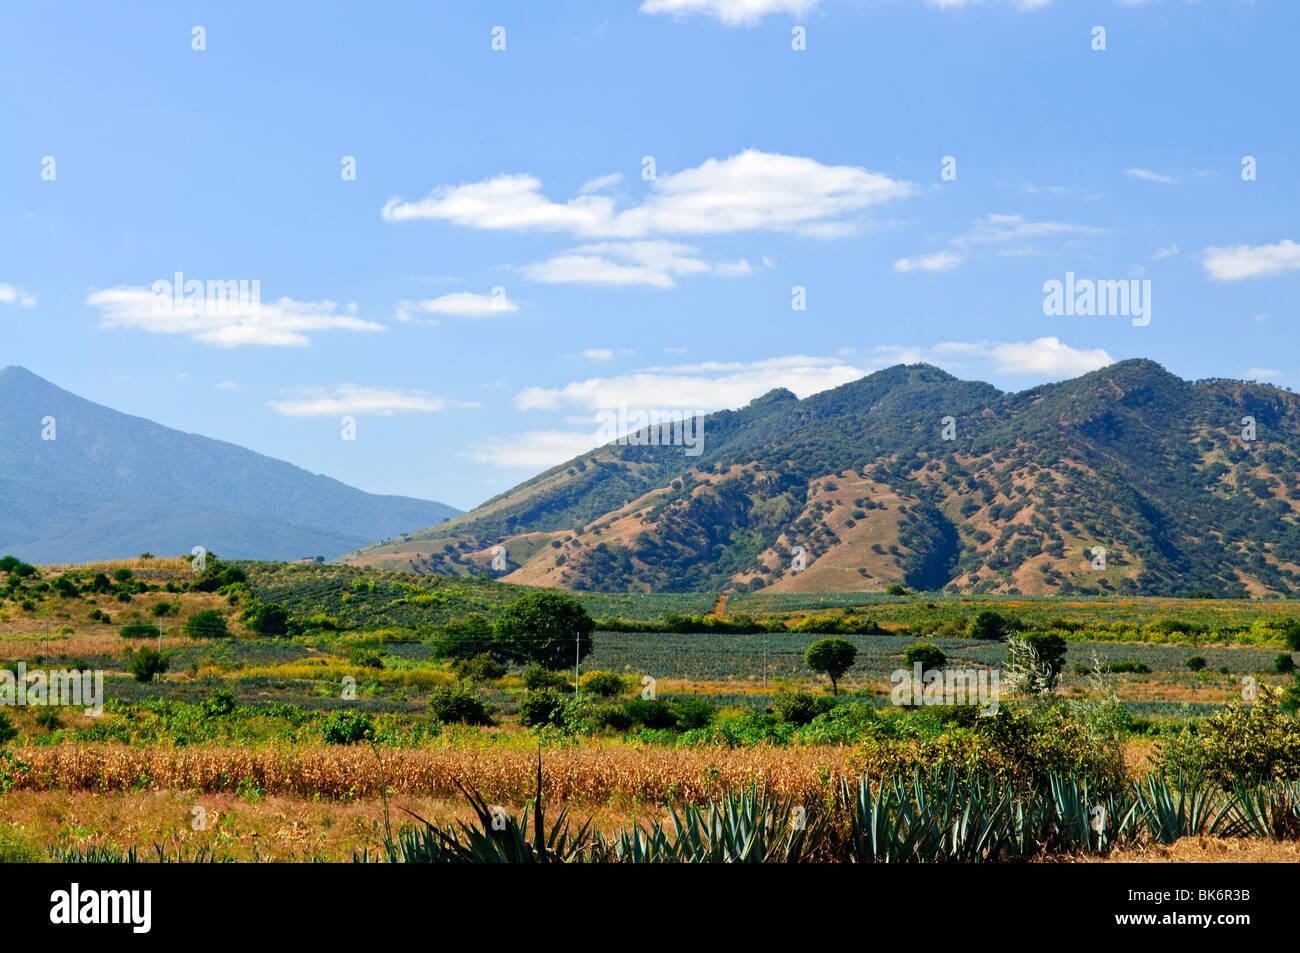 Landschaft mit Agave Kaktus Feldern in der Nähe von Tequila in Jalisco, Mexiko Stockbild